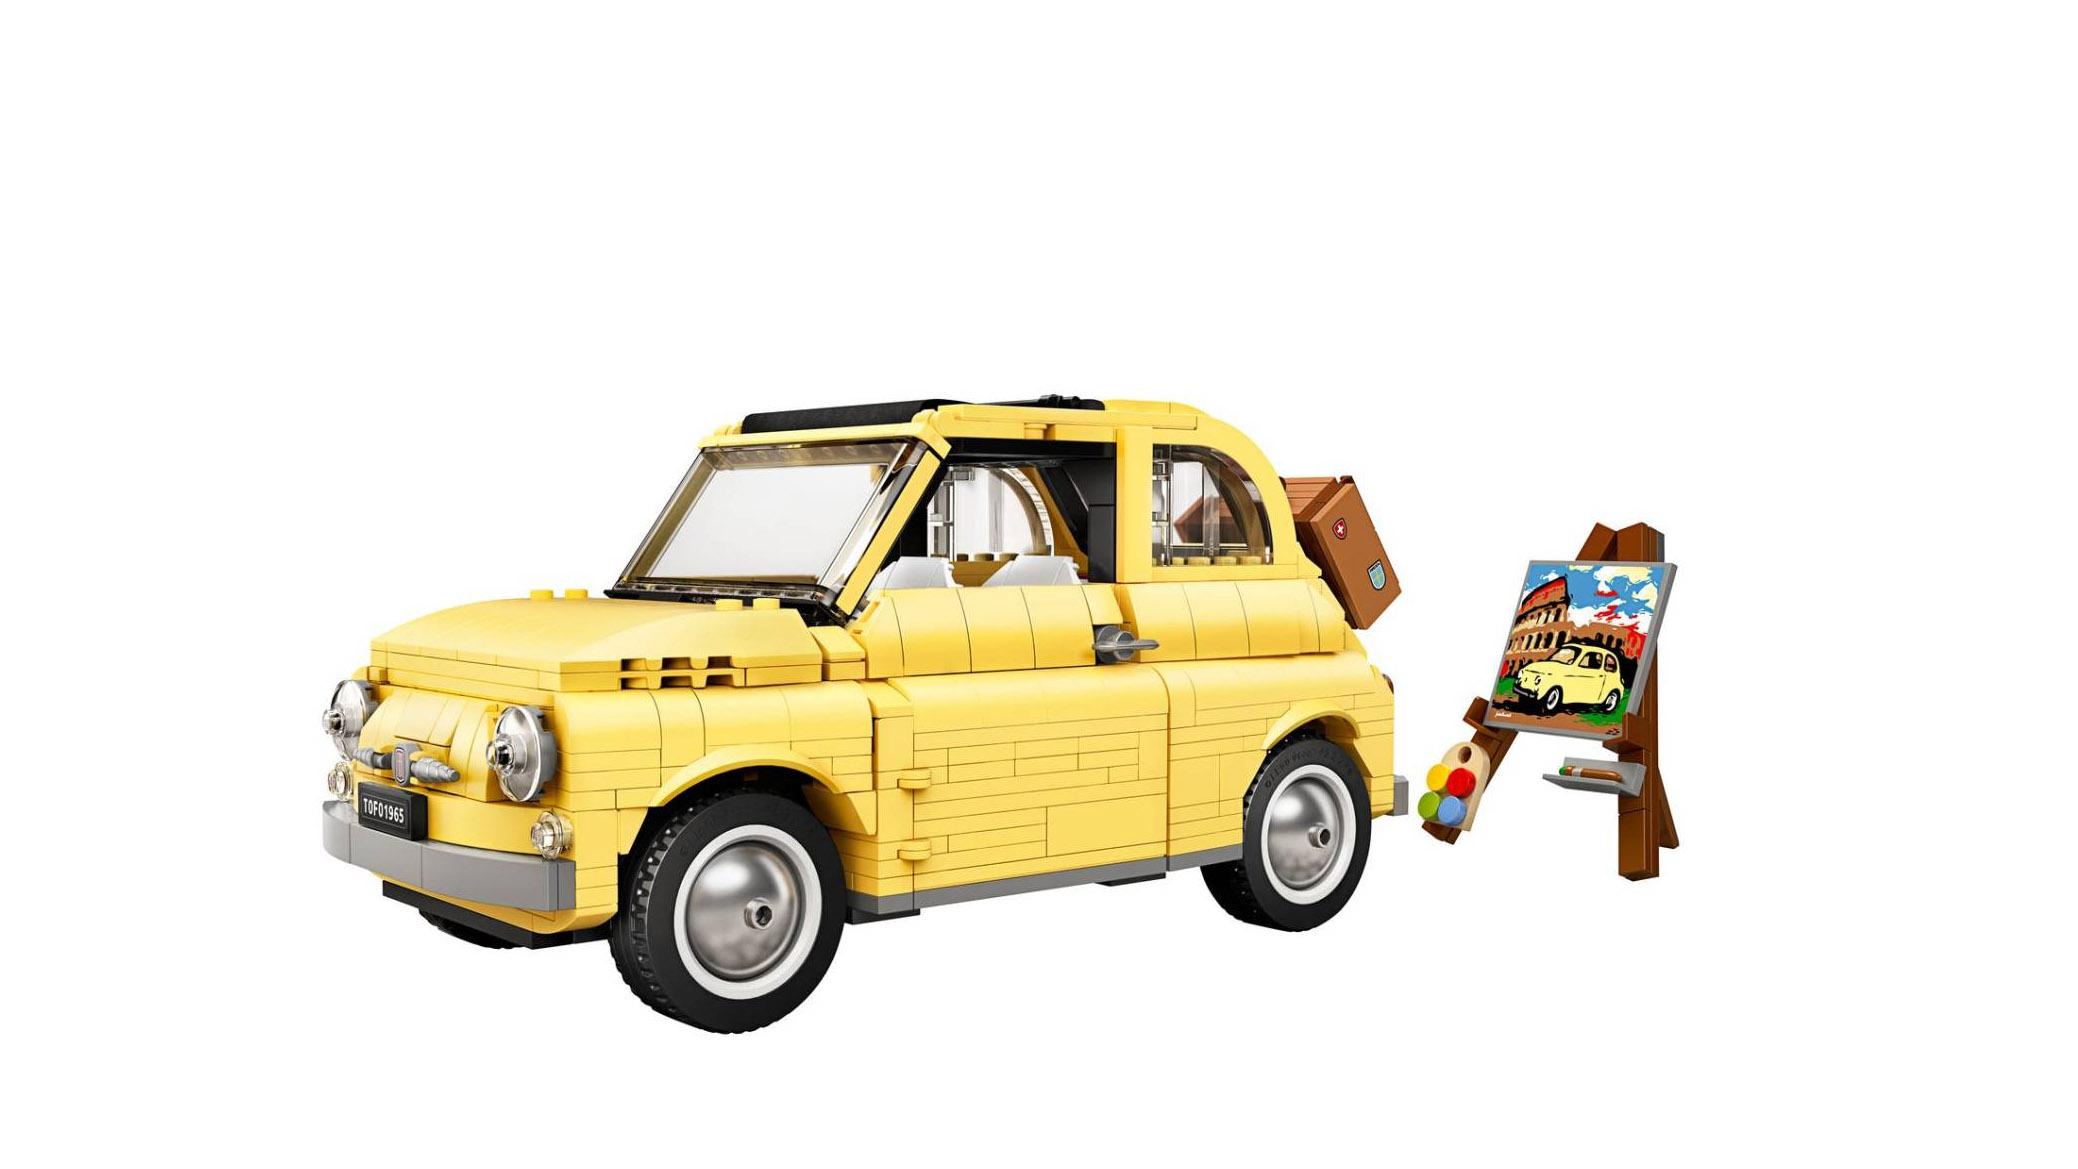 Fiat 500 Lego 10271 : Dolce Vita et briquettes danoises